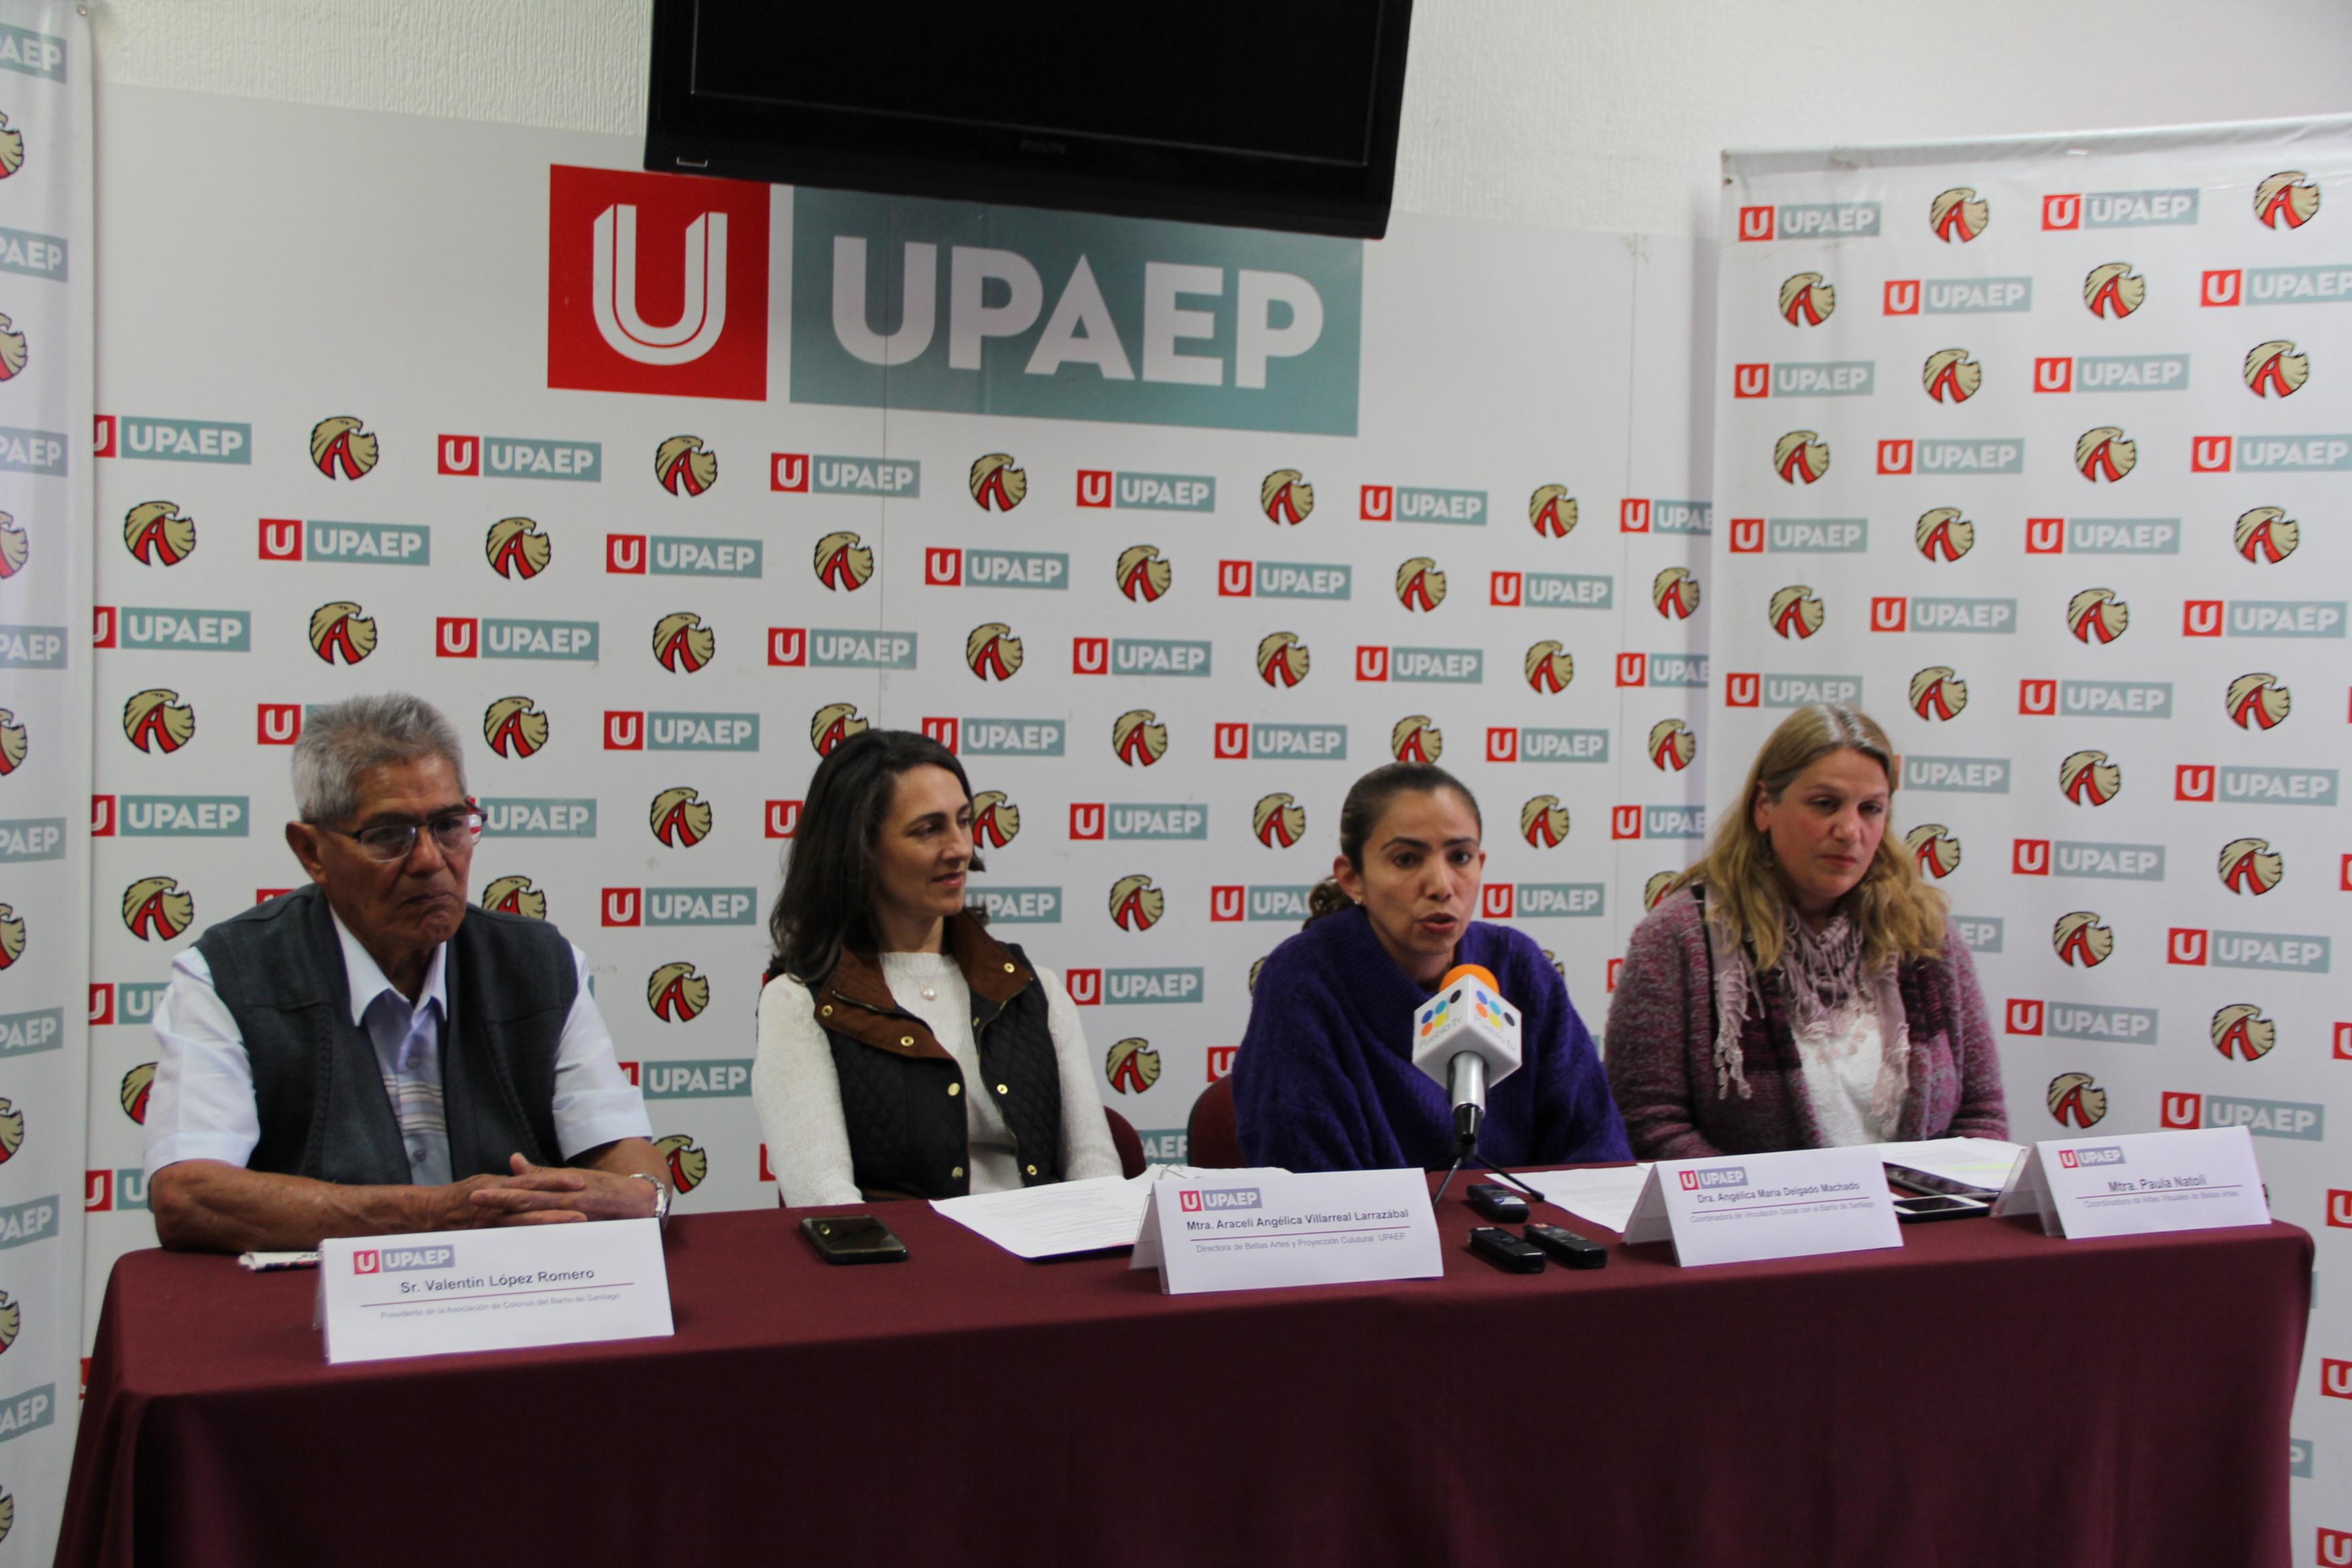 IV Festival del Barrio de Santiago cuenta con apoyo de Upaep e Imacp